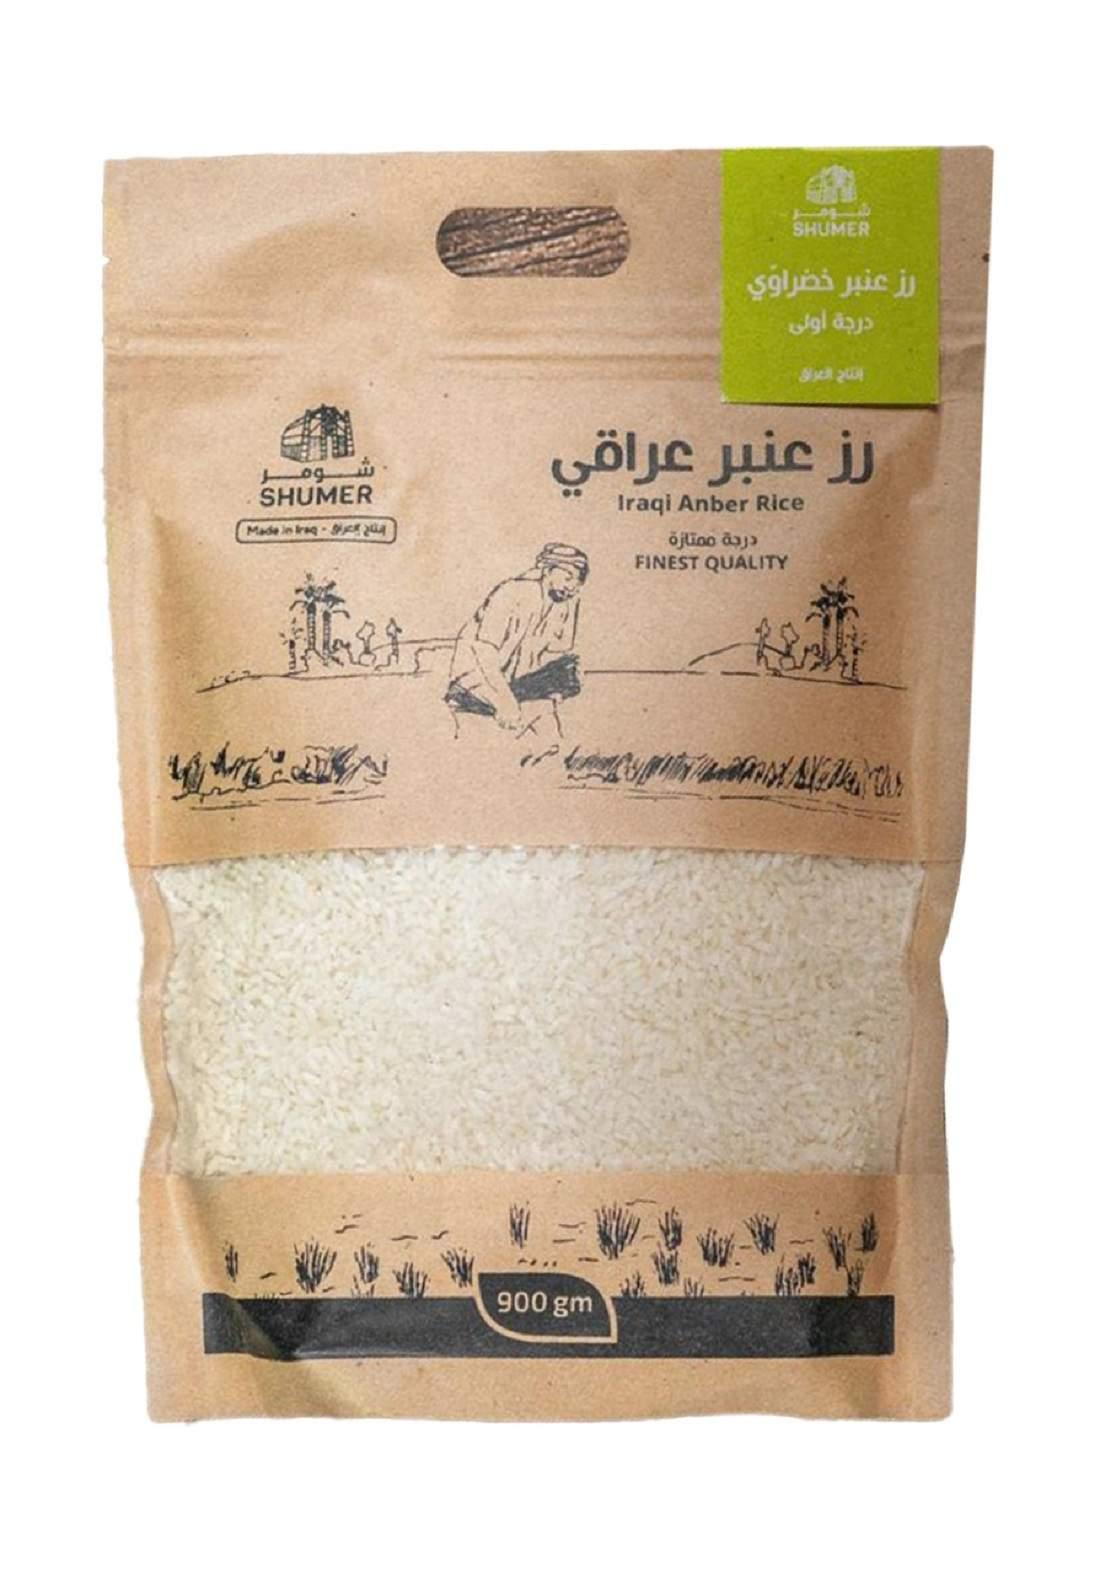 Shumer Iraqi Anbar Rice ارز عنبر عراقي 900غم